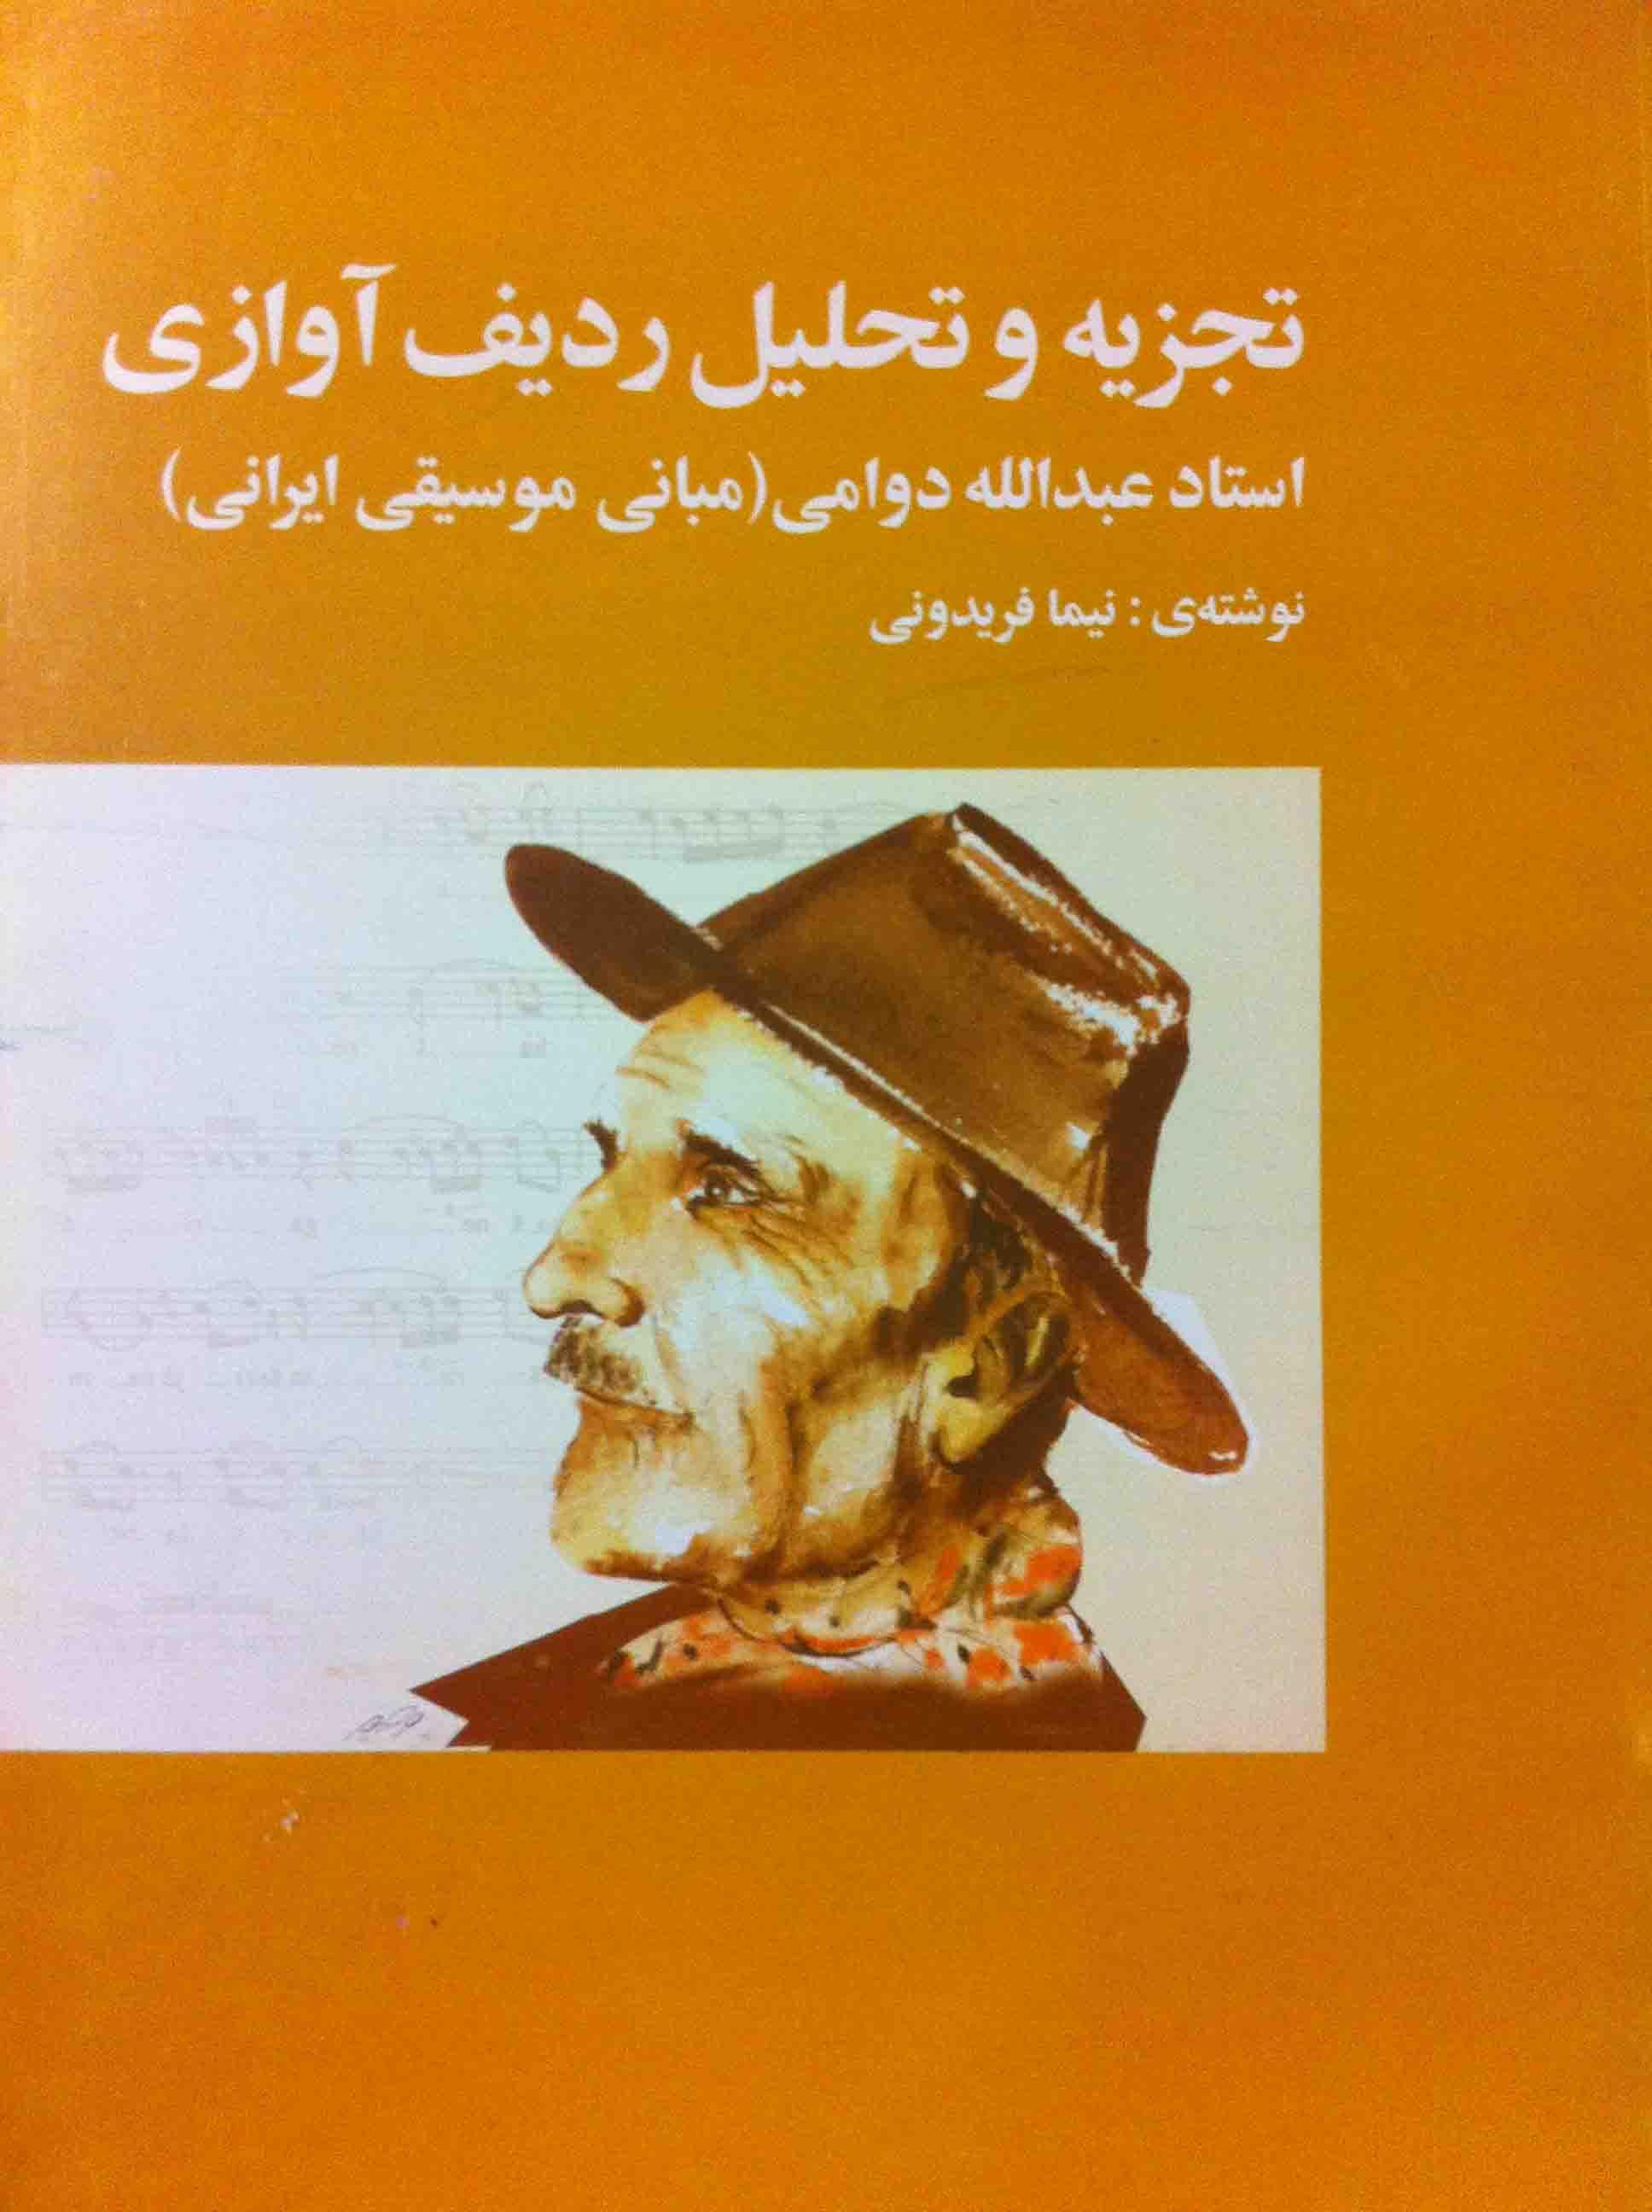 کتاب تجزیه و تحلیل ردیف آوازی استاد عبدالله دوامی . نوشته ی نیما فریدونی